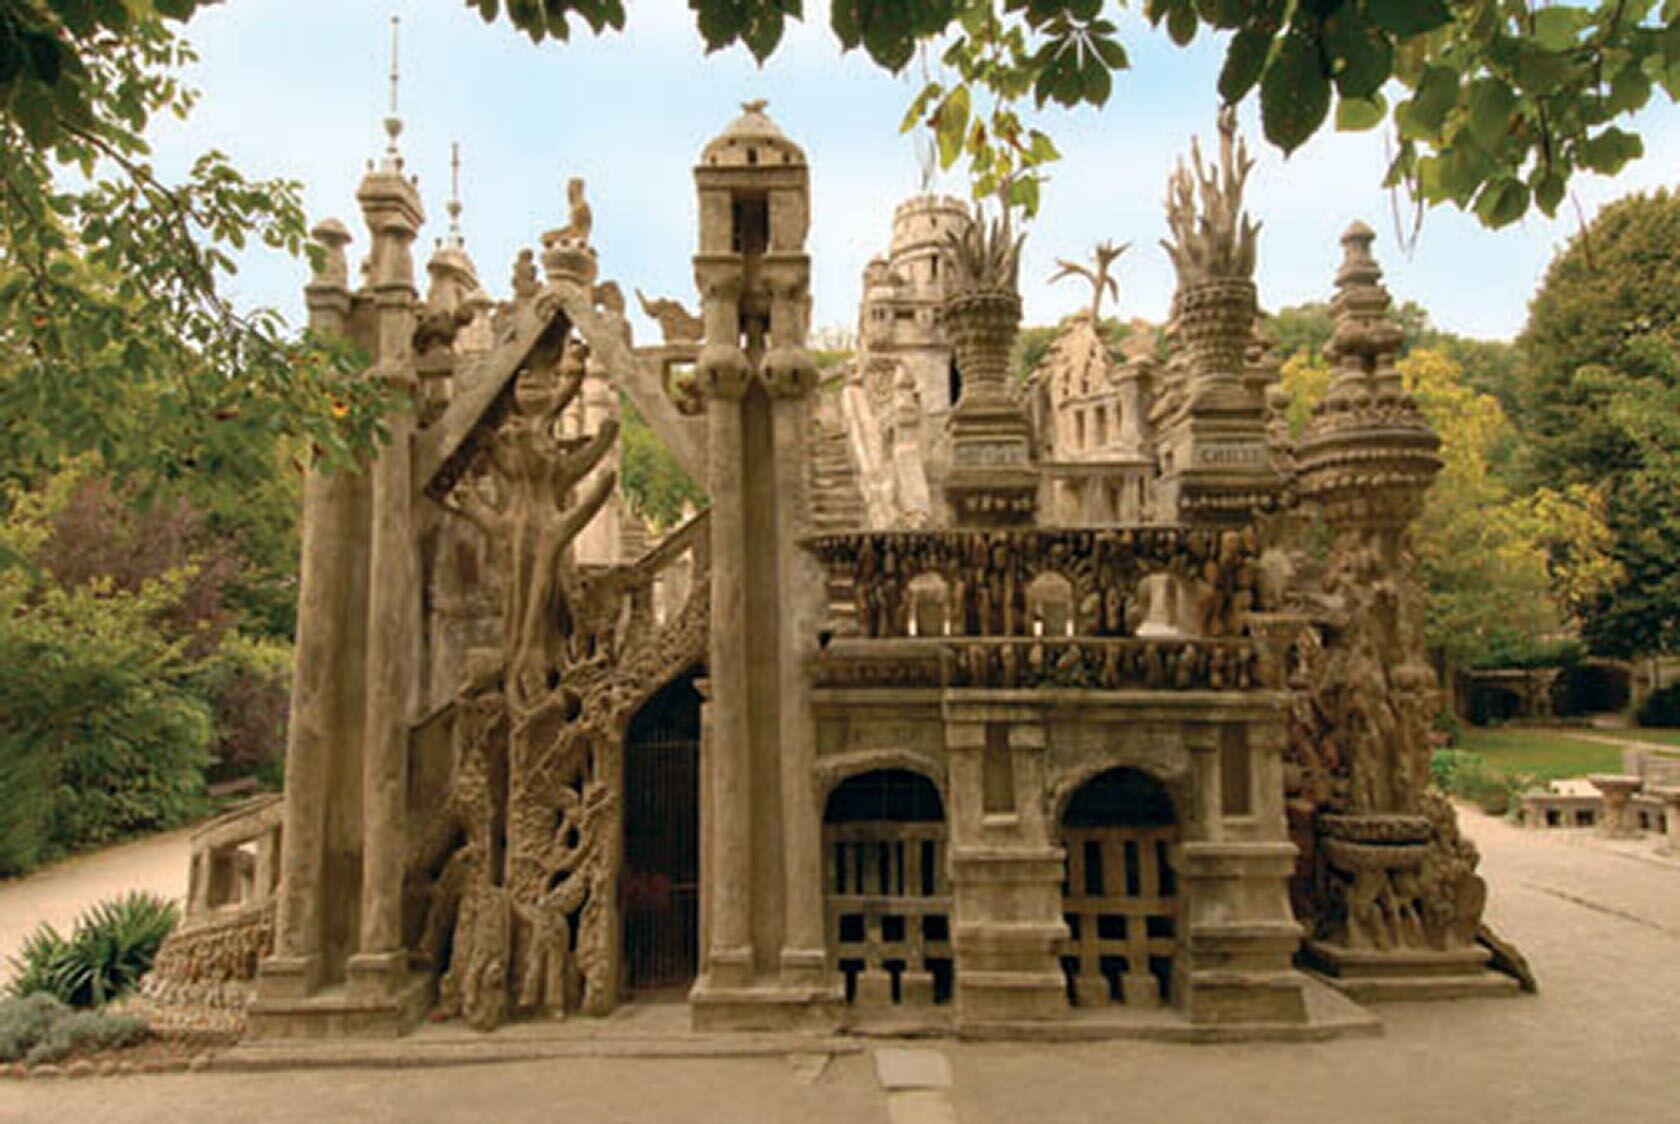 Palais Idéal du FacteurCheval e_georges 2342